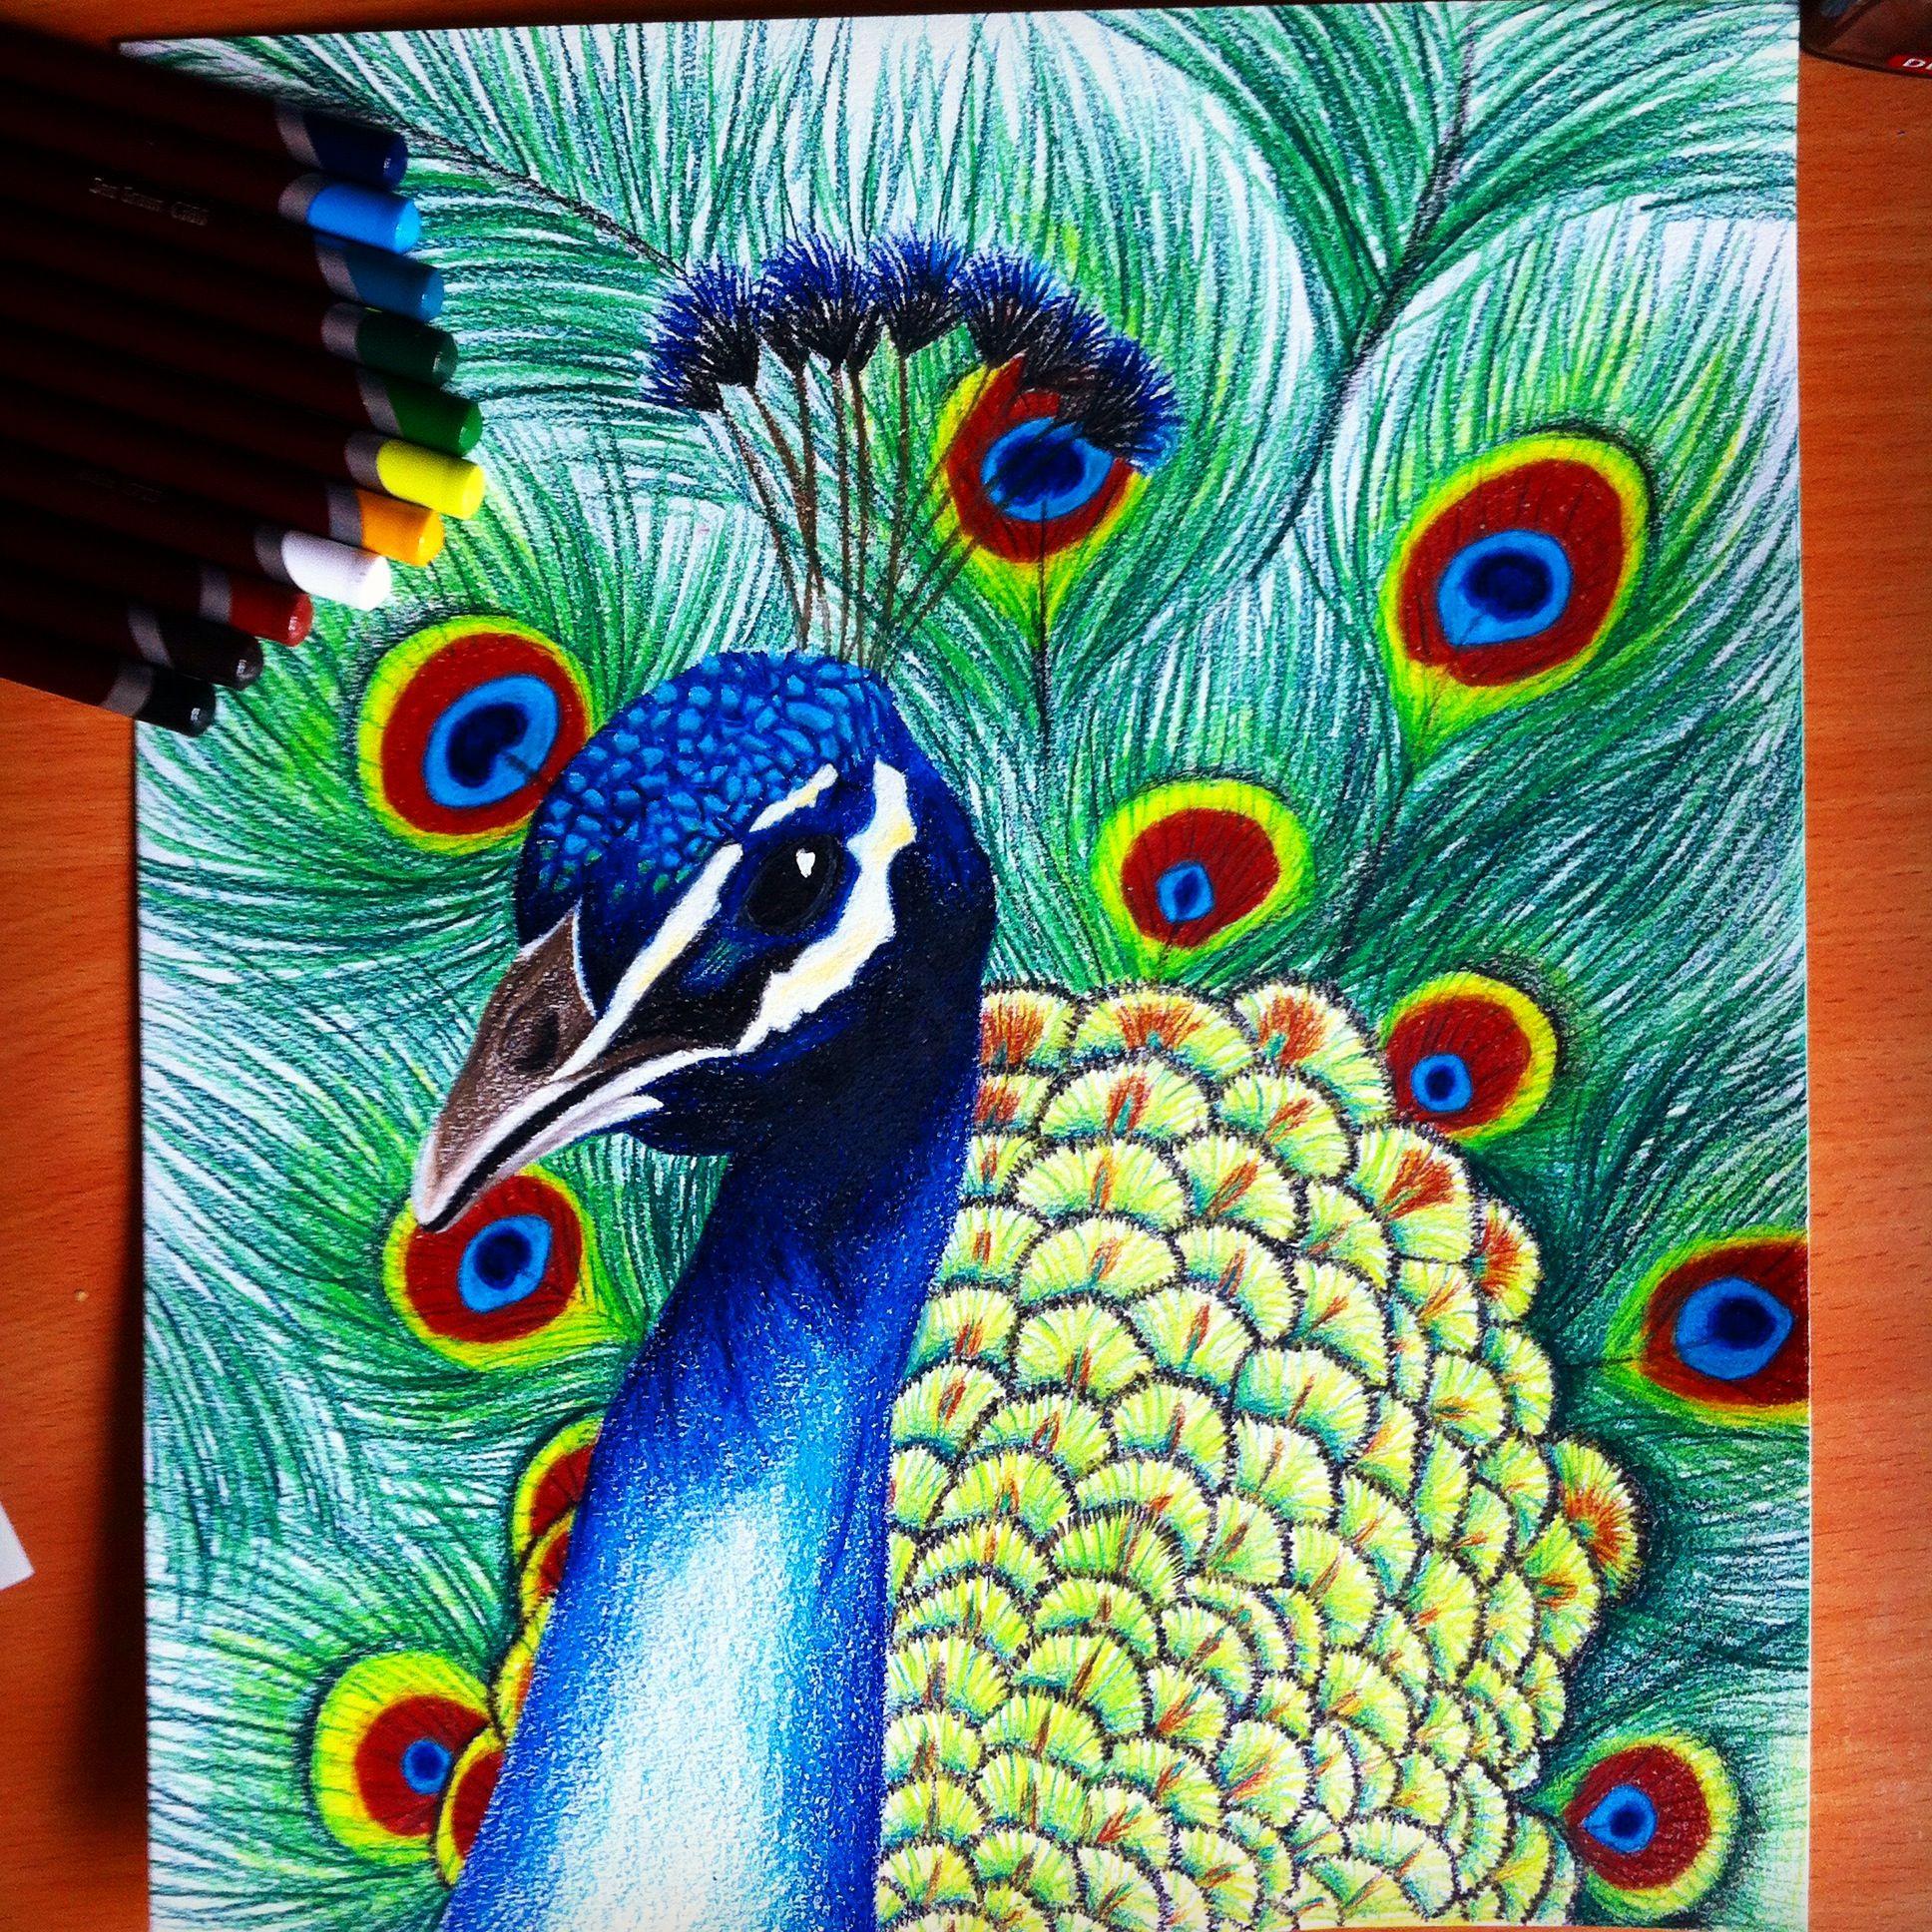 Peacock Drawing Peacock Painting Peacock Art Bird Art